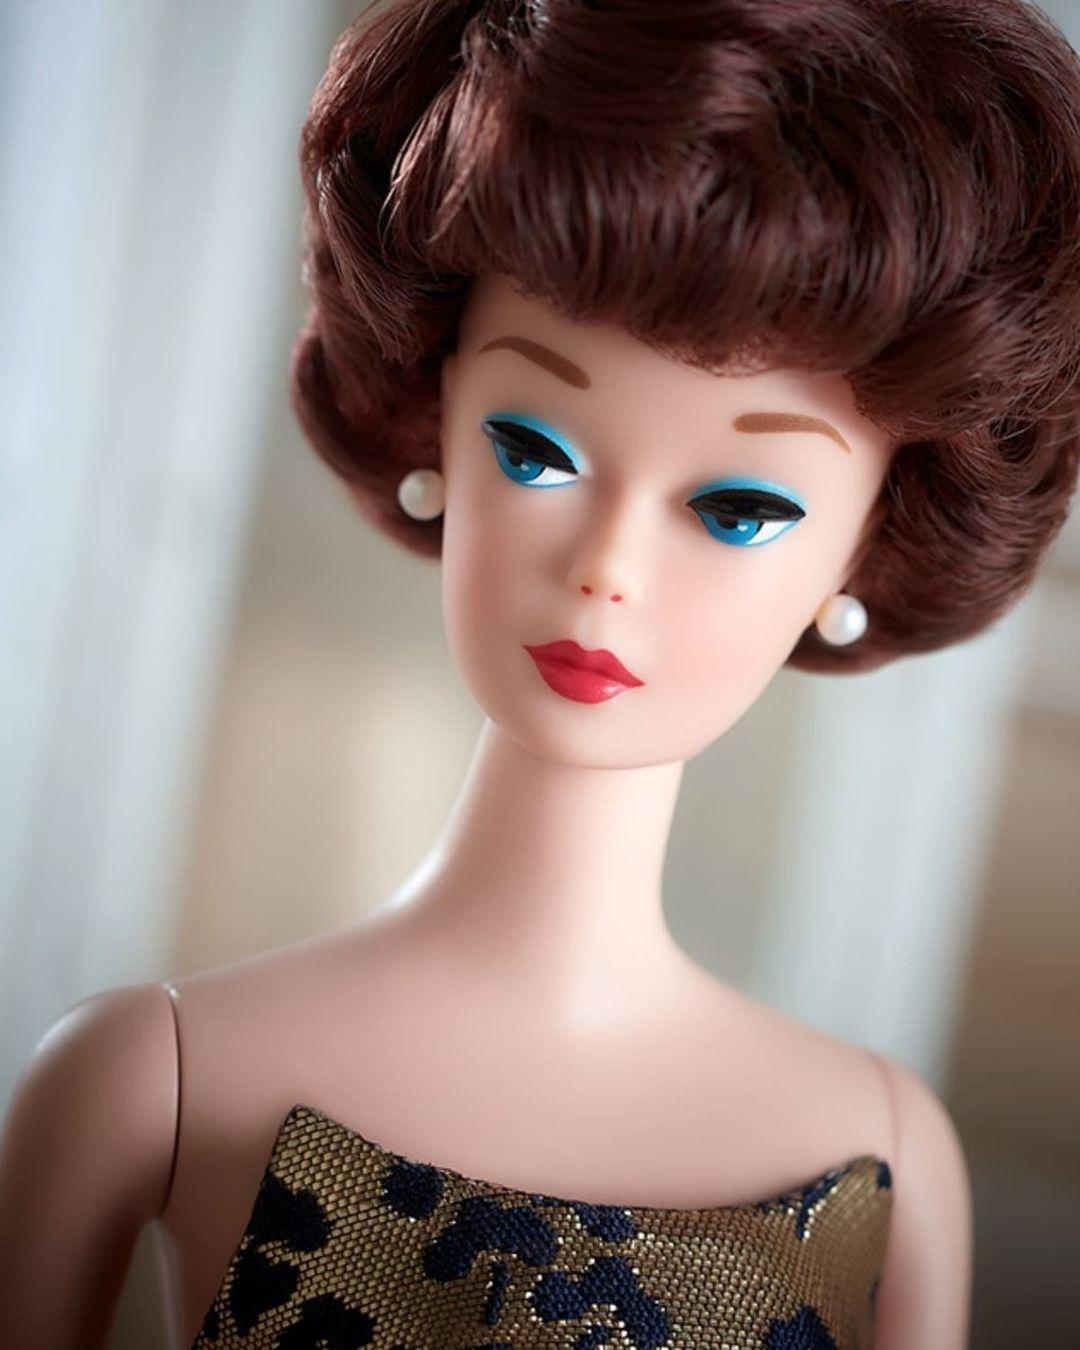 Repro Silkstone 1961 Bubble Cut Barbie doll face